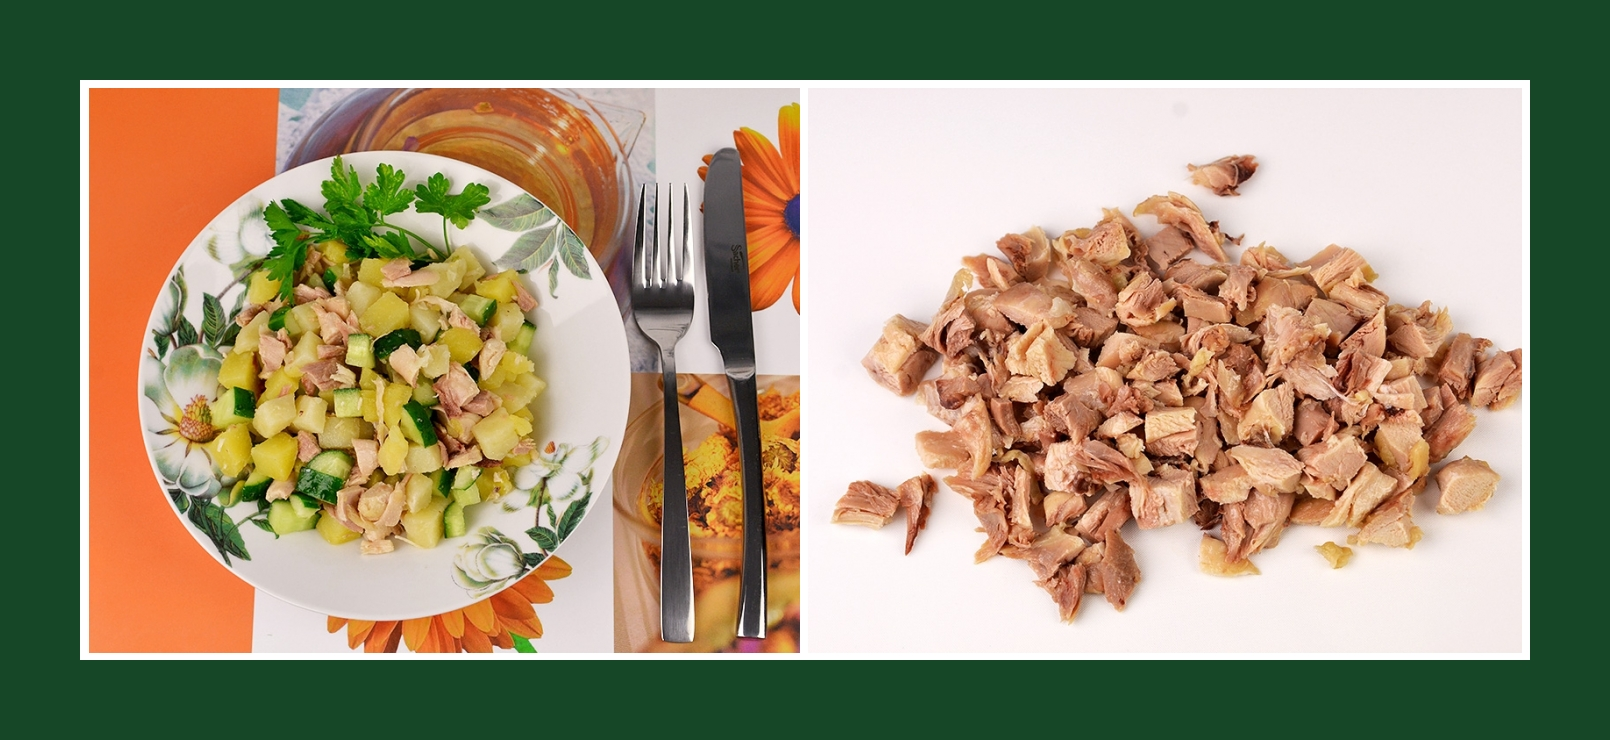 Schneller Kartoffelsalat mit Hähnchenfleisch oder Putenfleisch